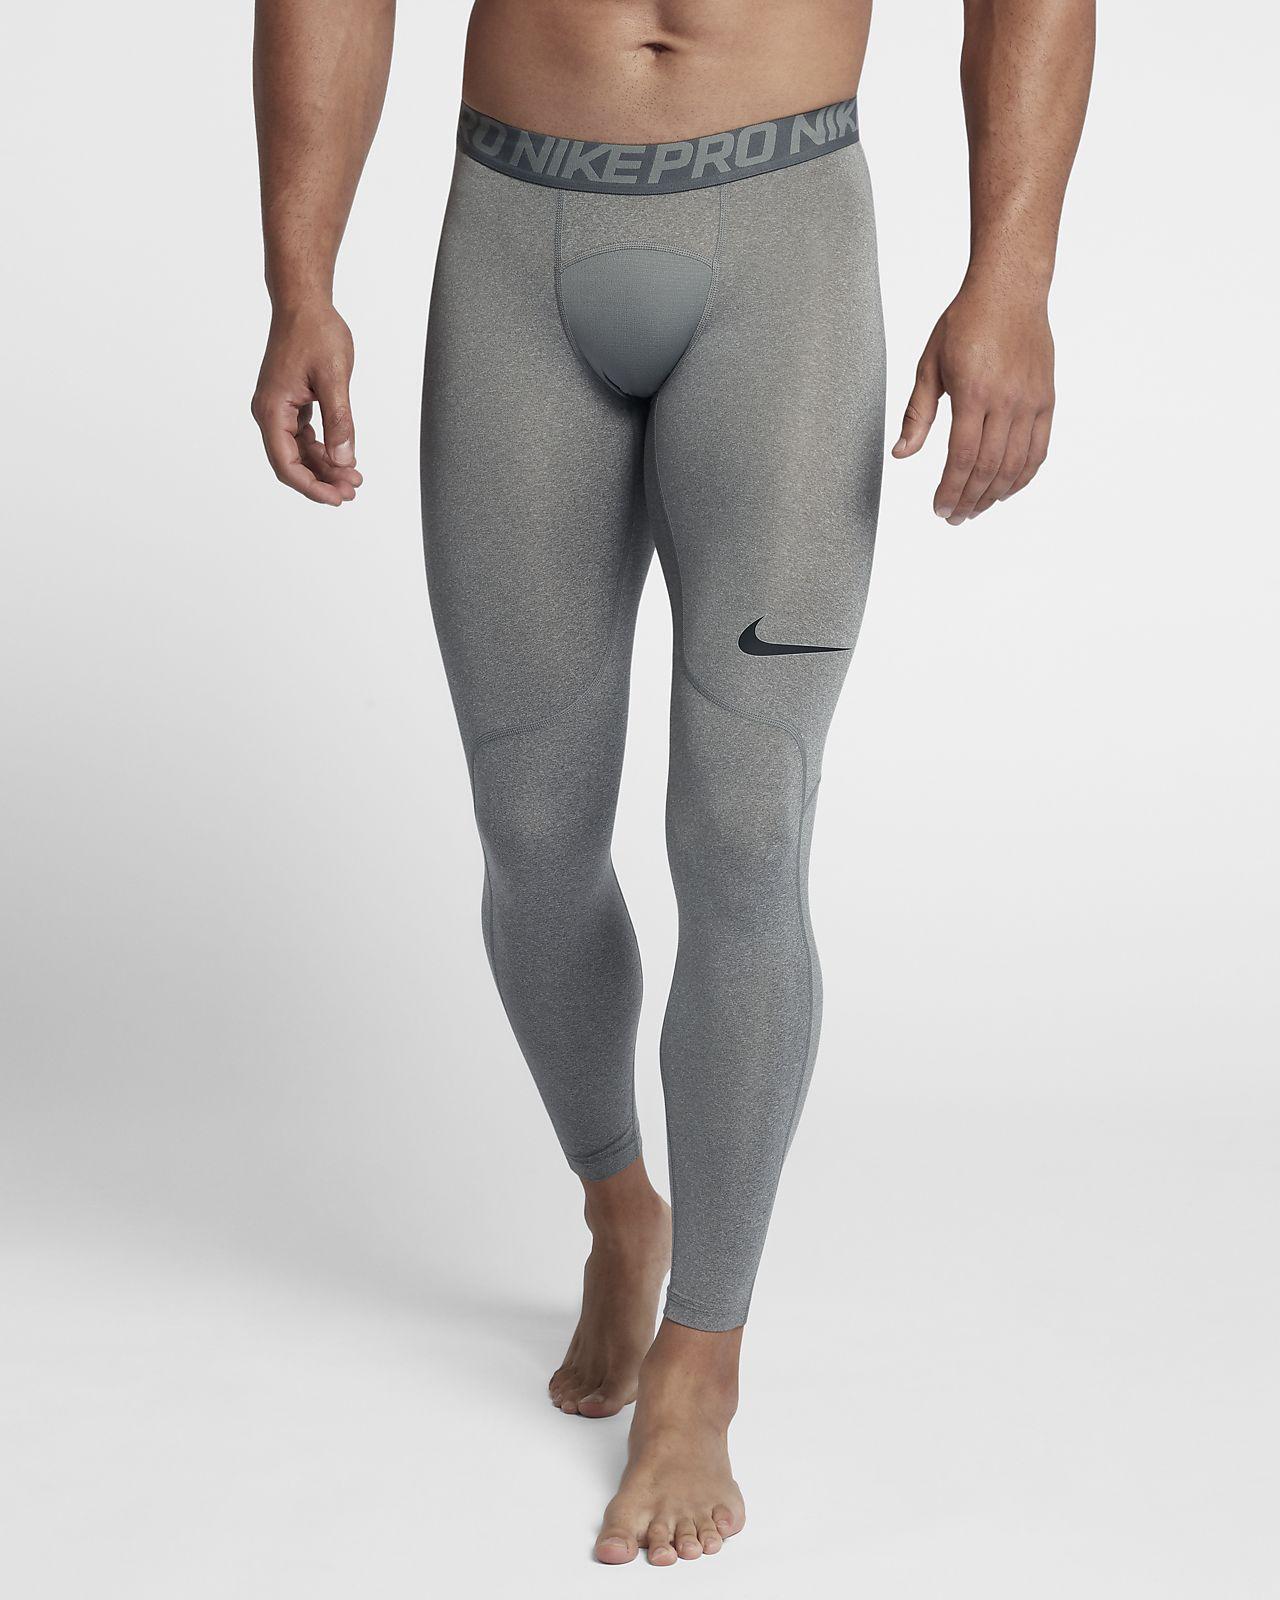 2e52b35e2e Nike Pro Men's Tights